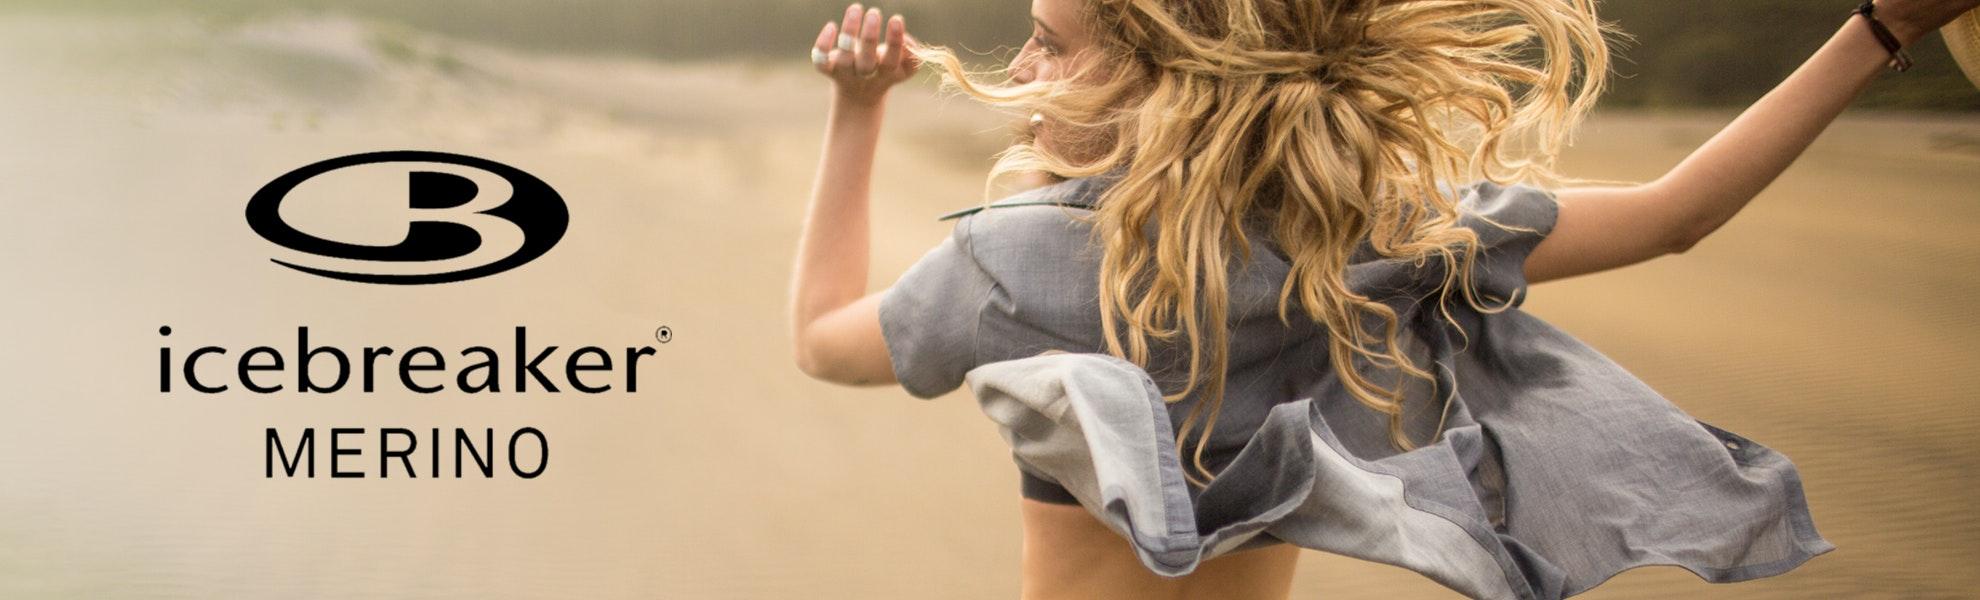 Icebreaker Women's Underwear and Bras  Closeout